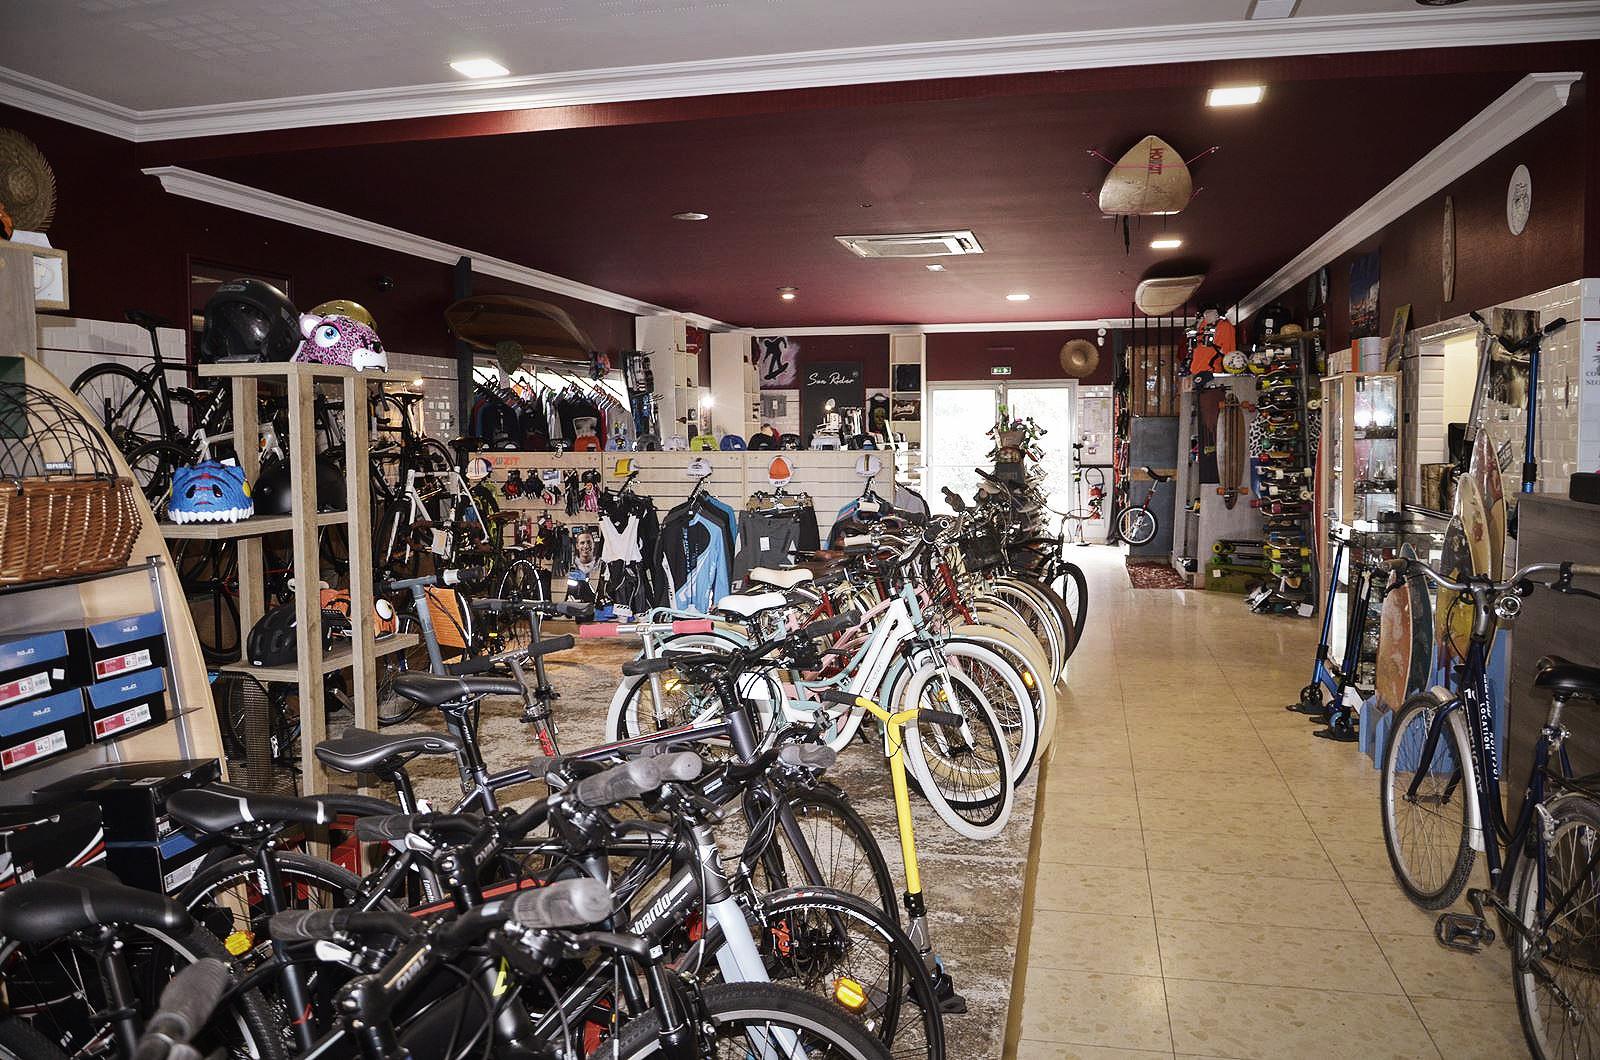 sun rider 85 (17)-surfshop-skateshop-magasin de cycles-les sablesd'olonne